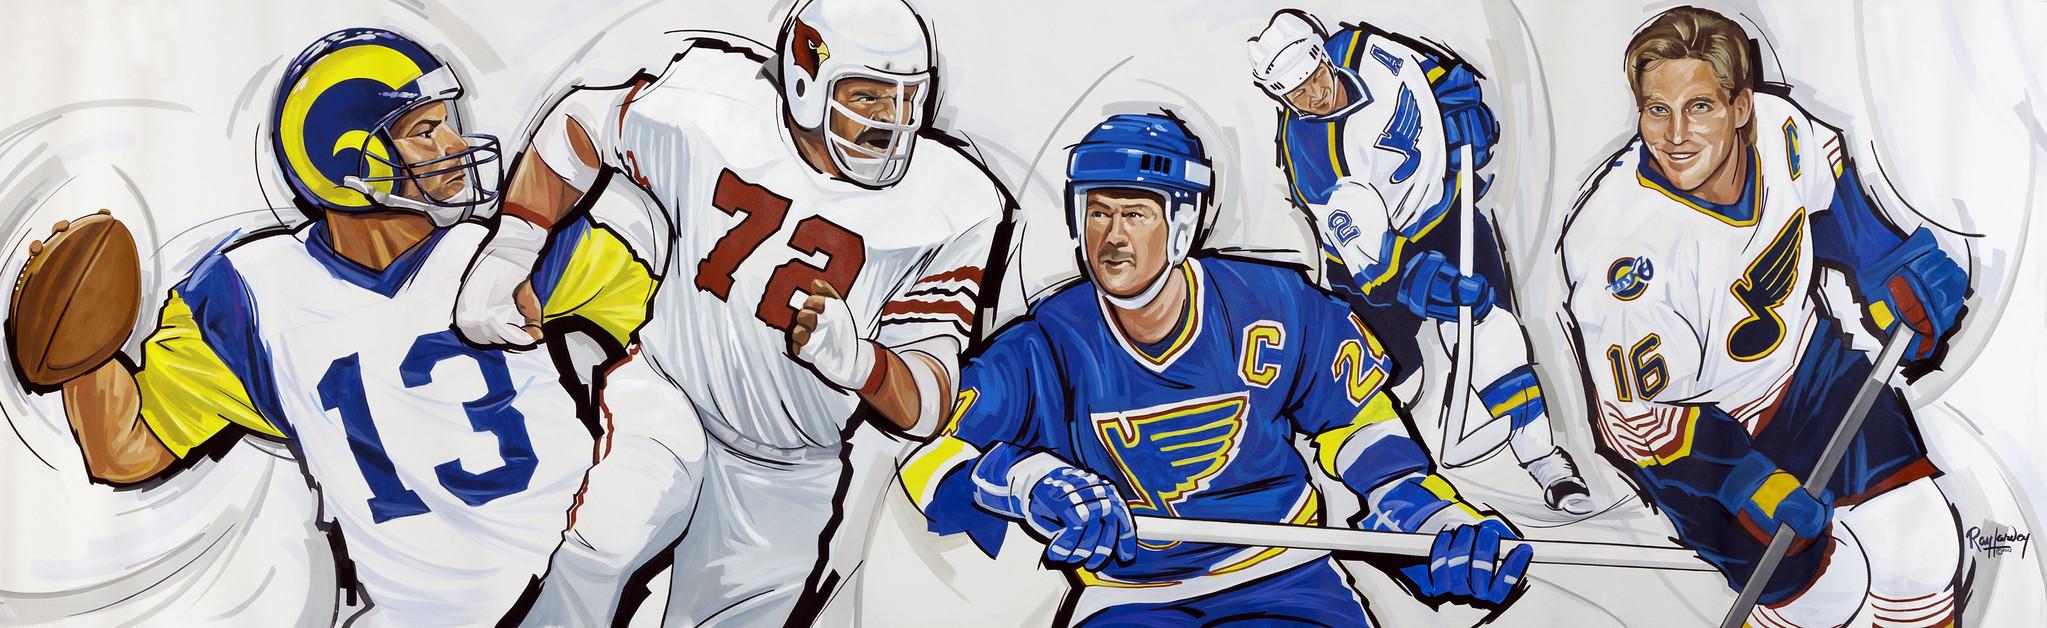 Joe Buck's Sports Mural #2